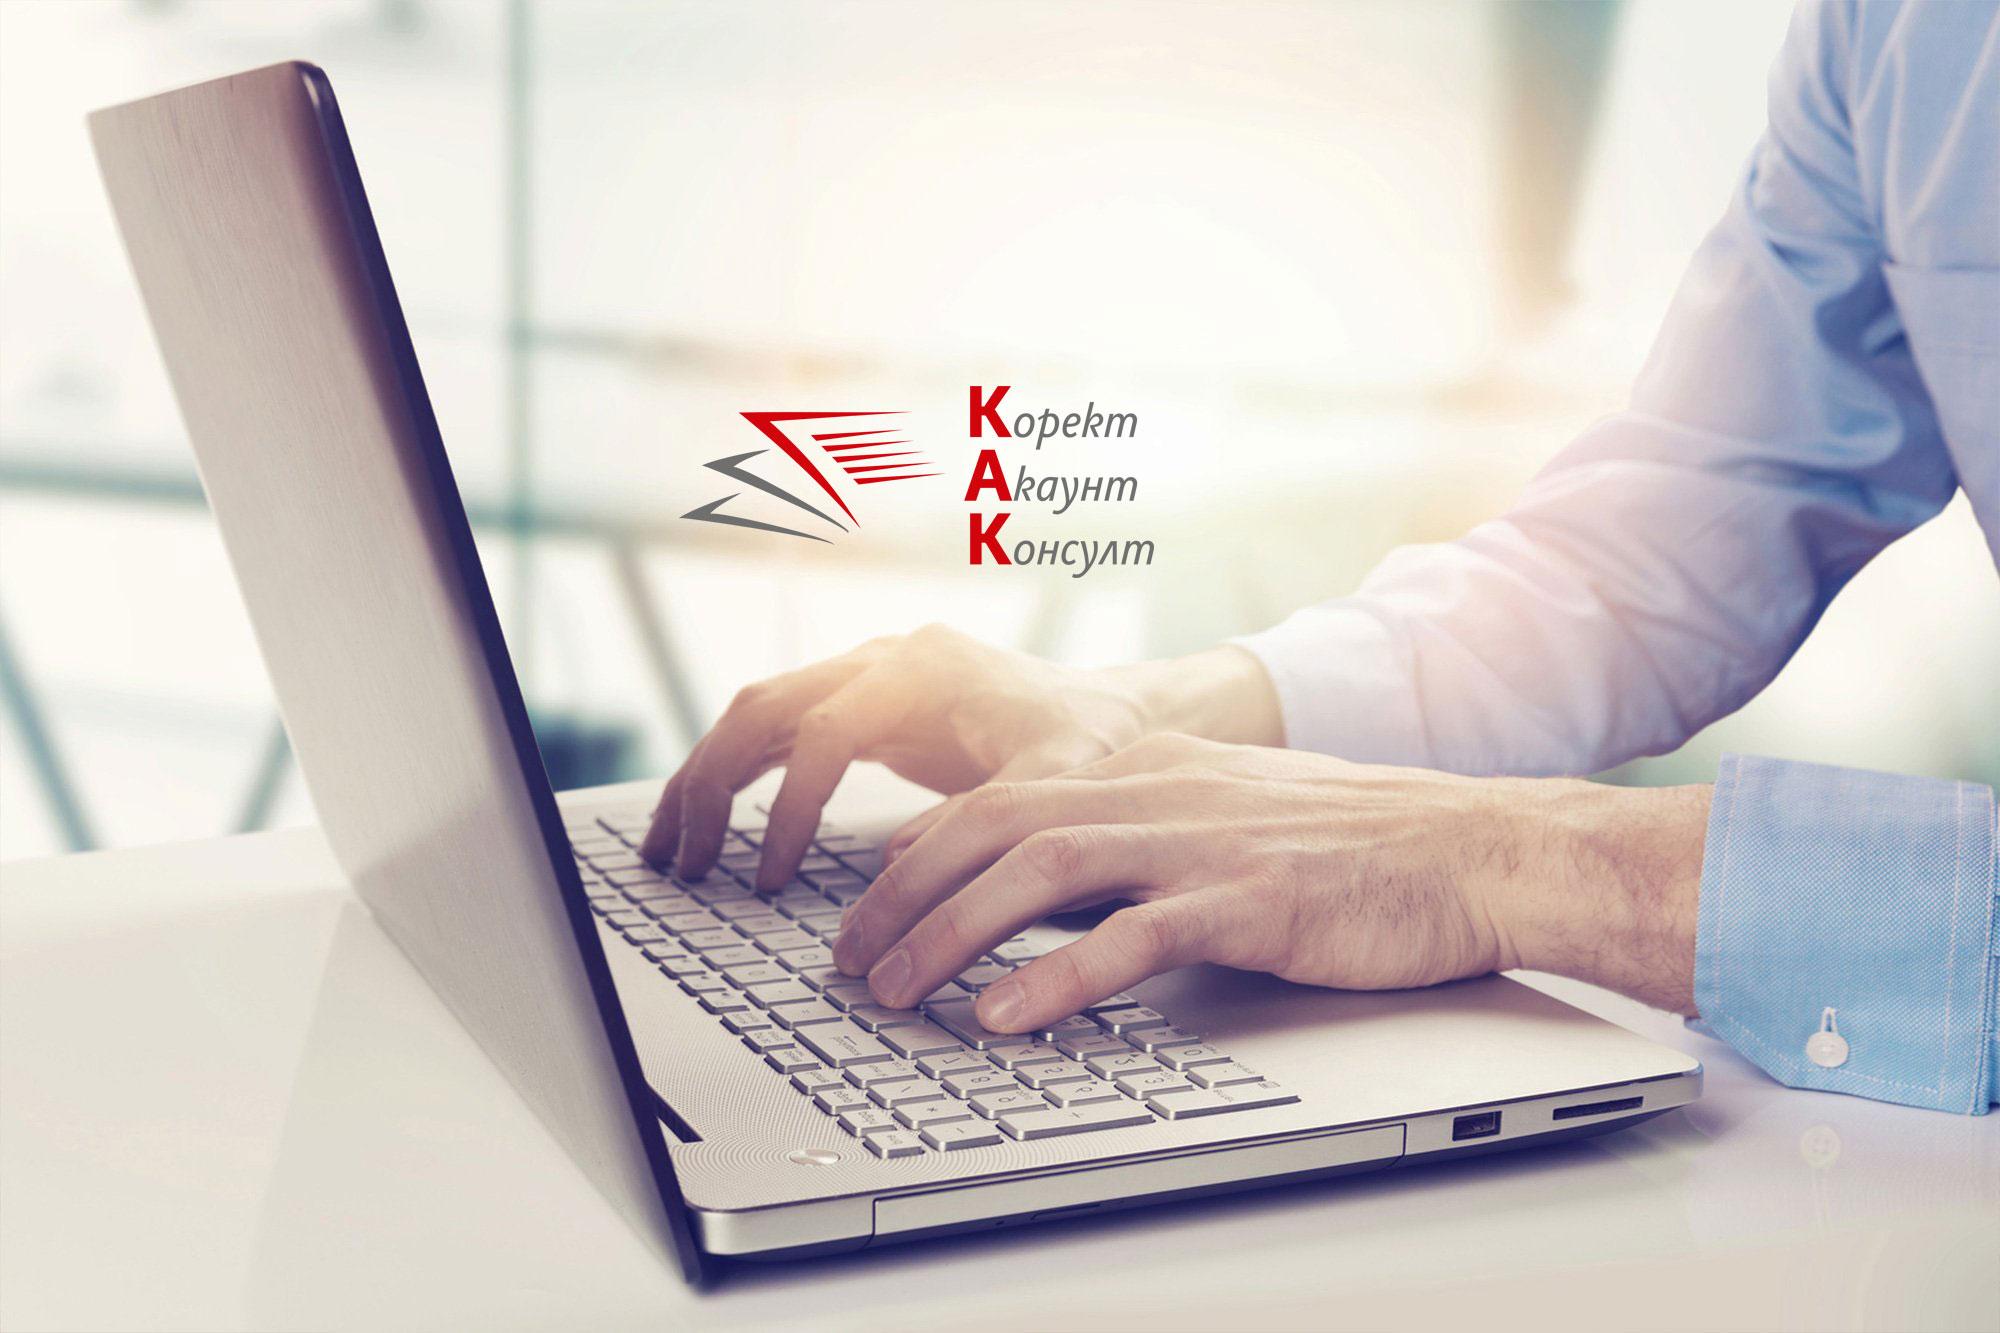 Публикувани са спецификации на входните файлове с данни от уведомлението по чл. 62, ал. 5 от КТ, в сила след 28 февруари 2019 г.